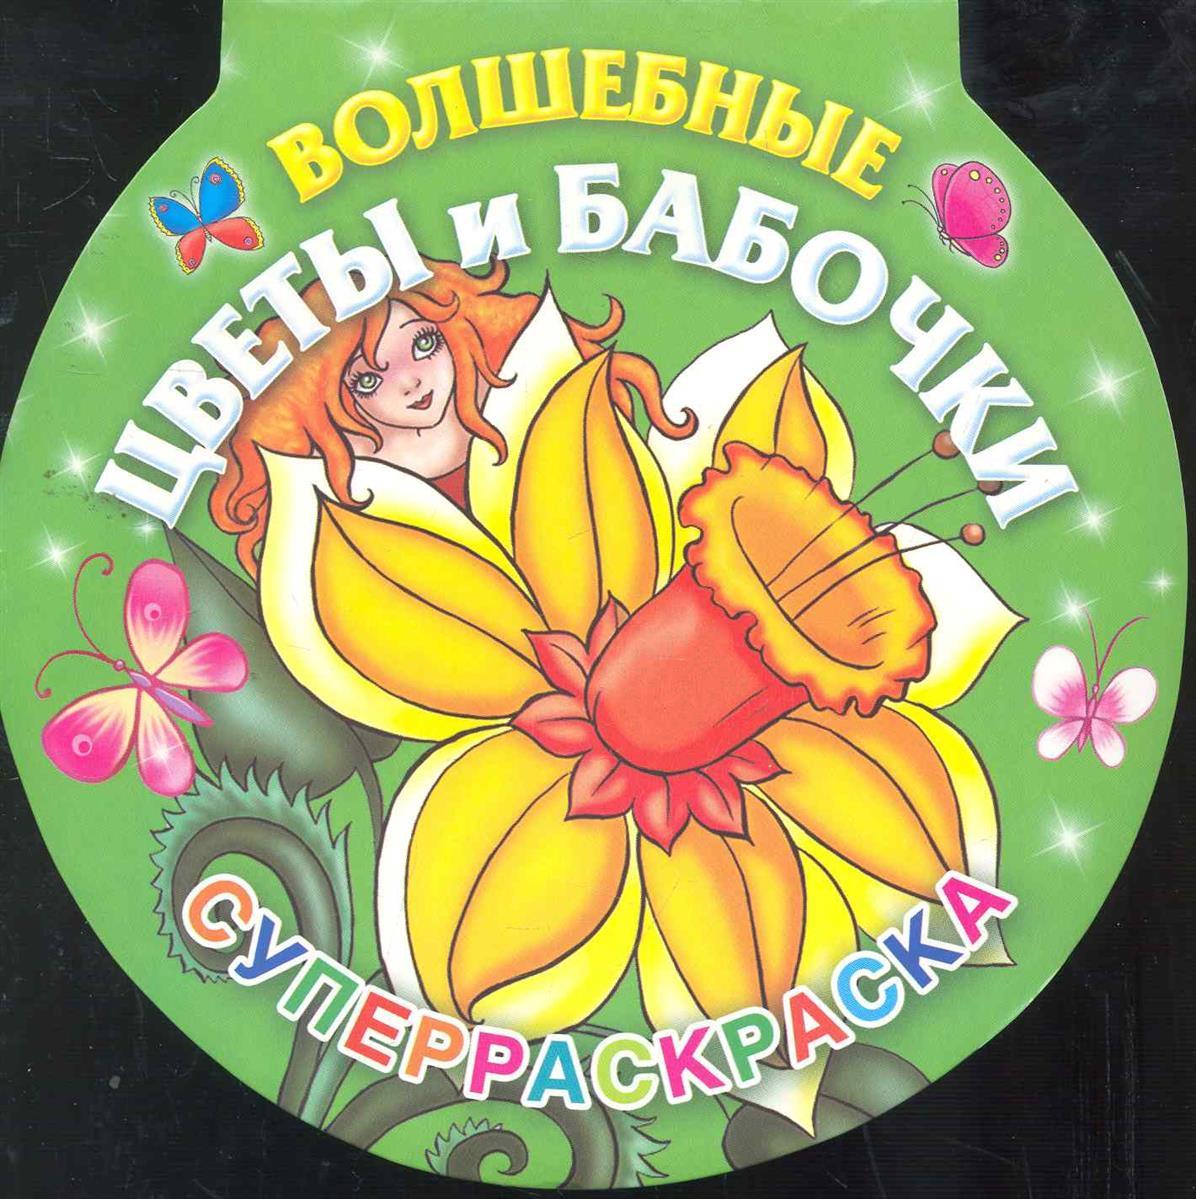 Жуковская Е. Волшебные цветы и бабочки Суперраскраска жуковская е р волшебные раскраски для маленькой принцессы цветы и бабочки